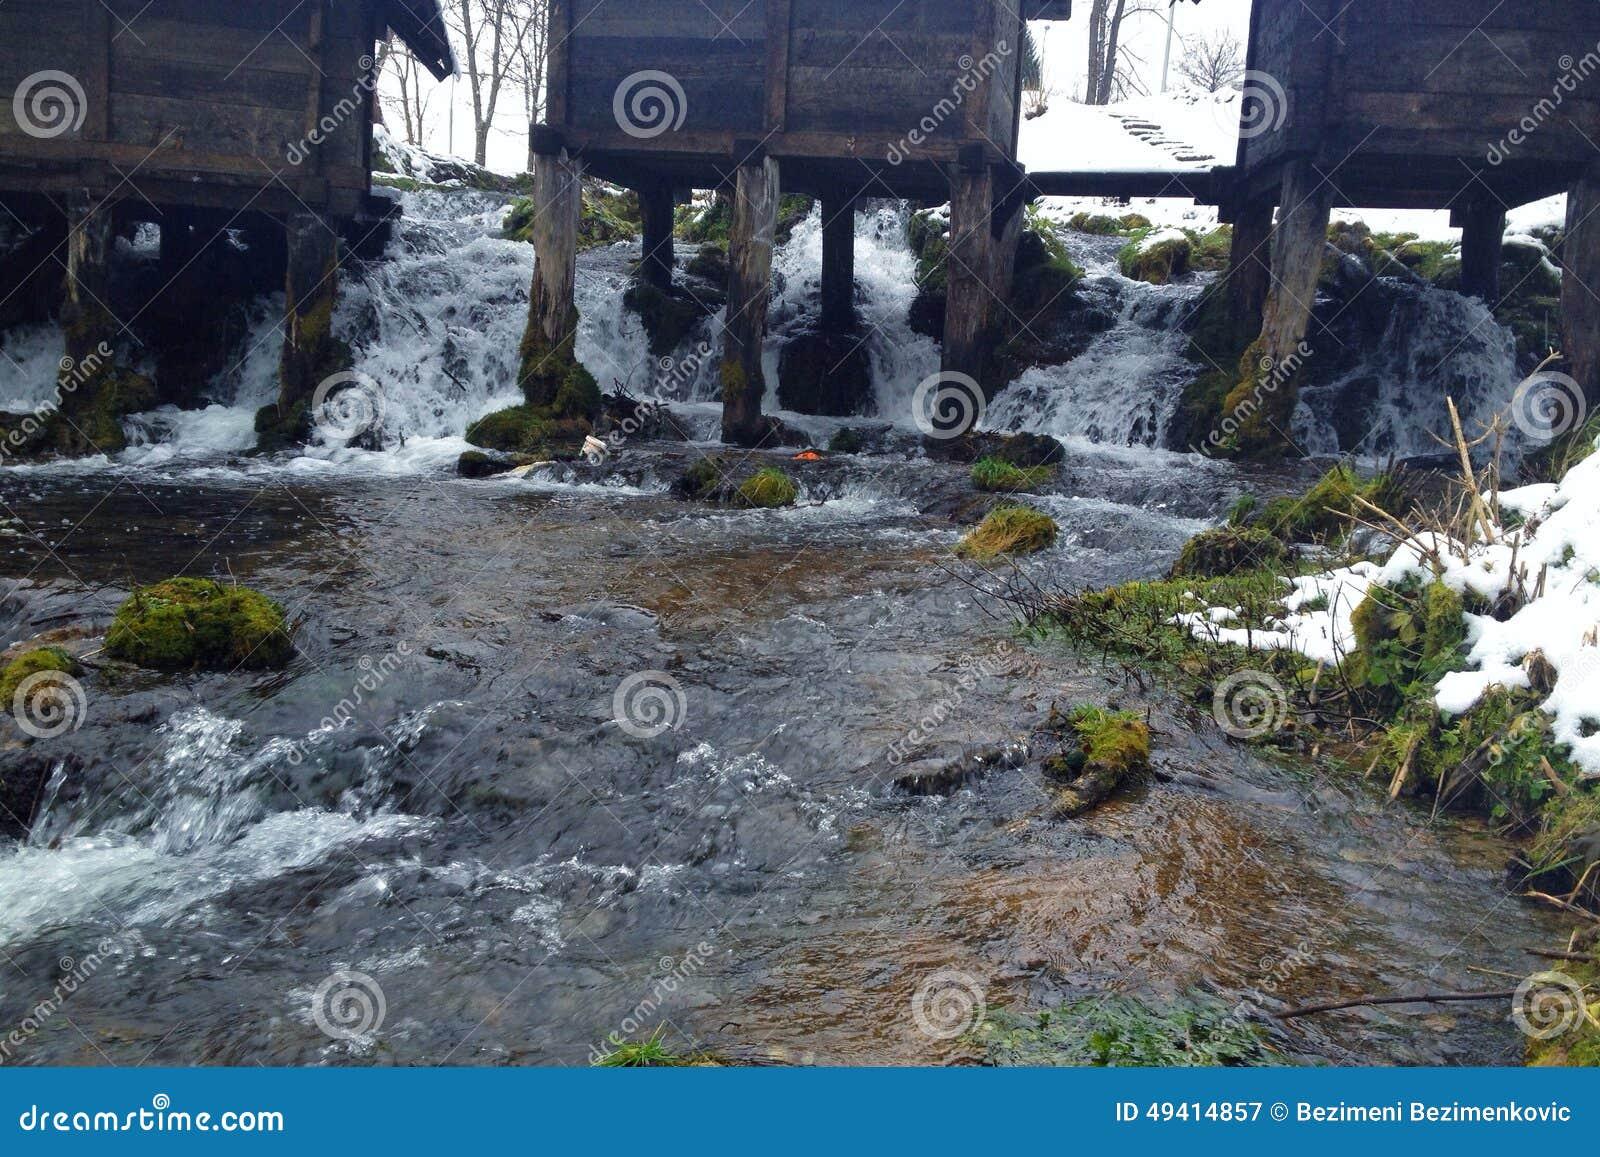 Download Mühle auf Wasser stockbild. Bild von tranquil, architektur - 49414857